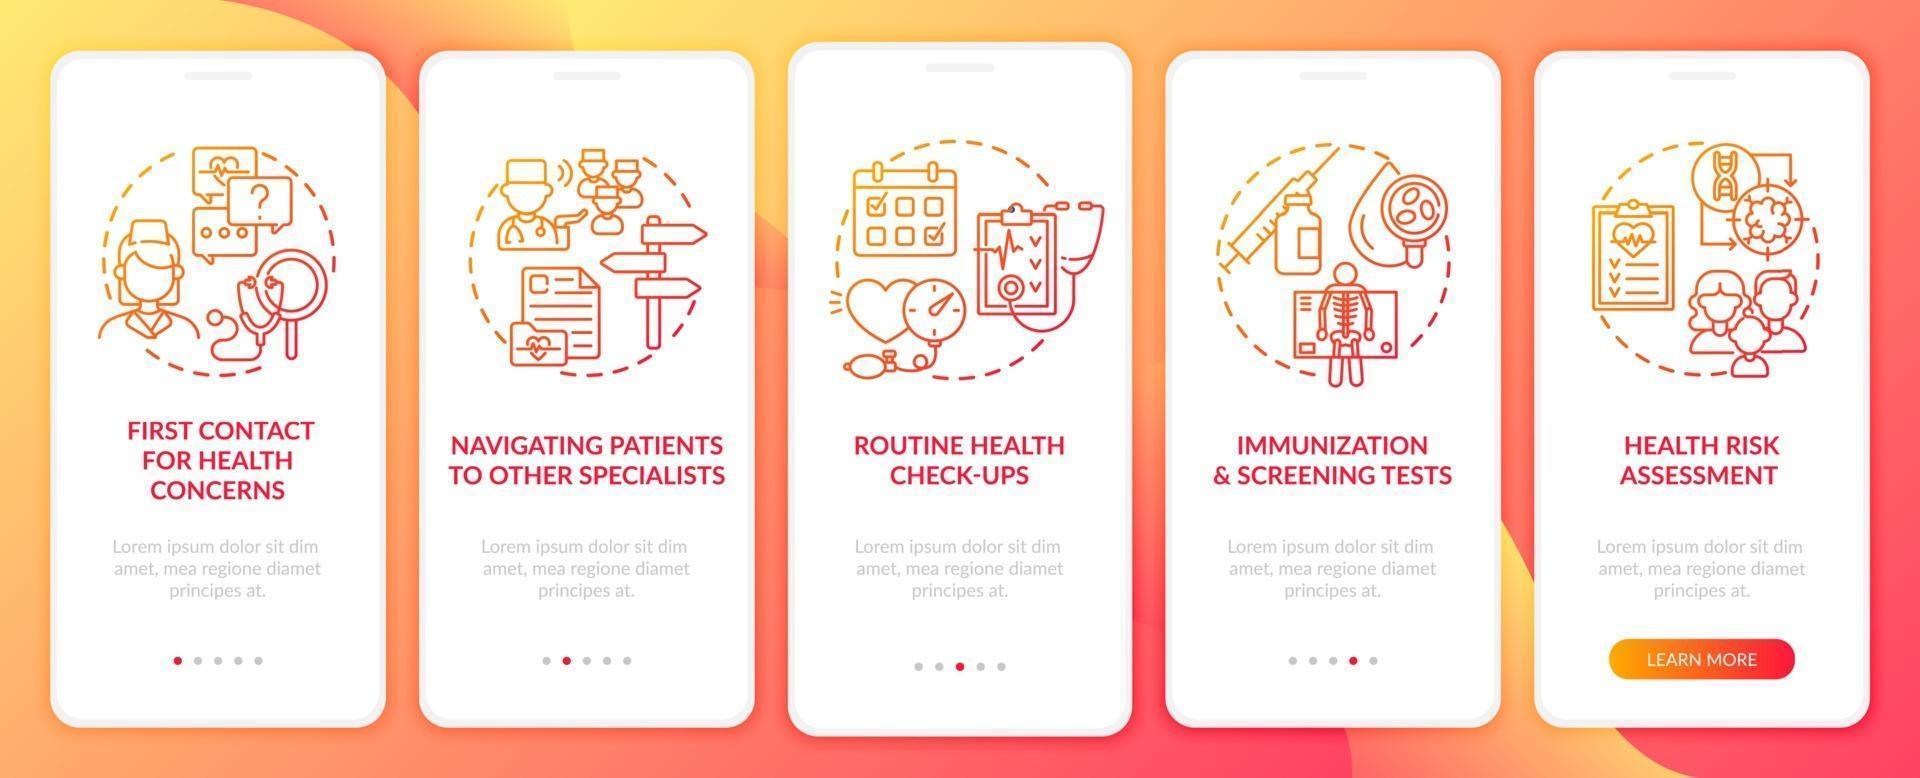 médico de família tarefas tela vermelha da página do aplicativo móvel com conceitos vetor